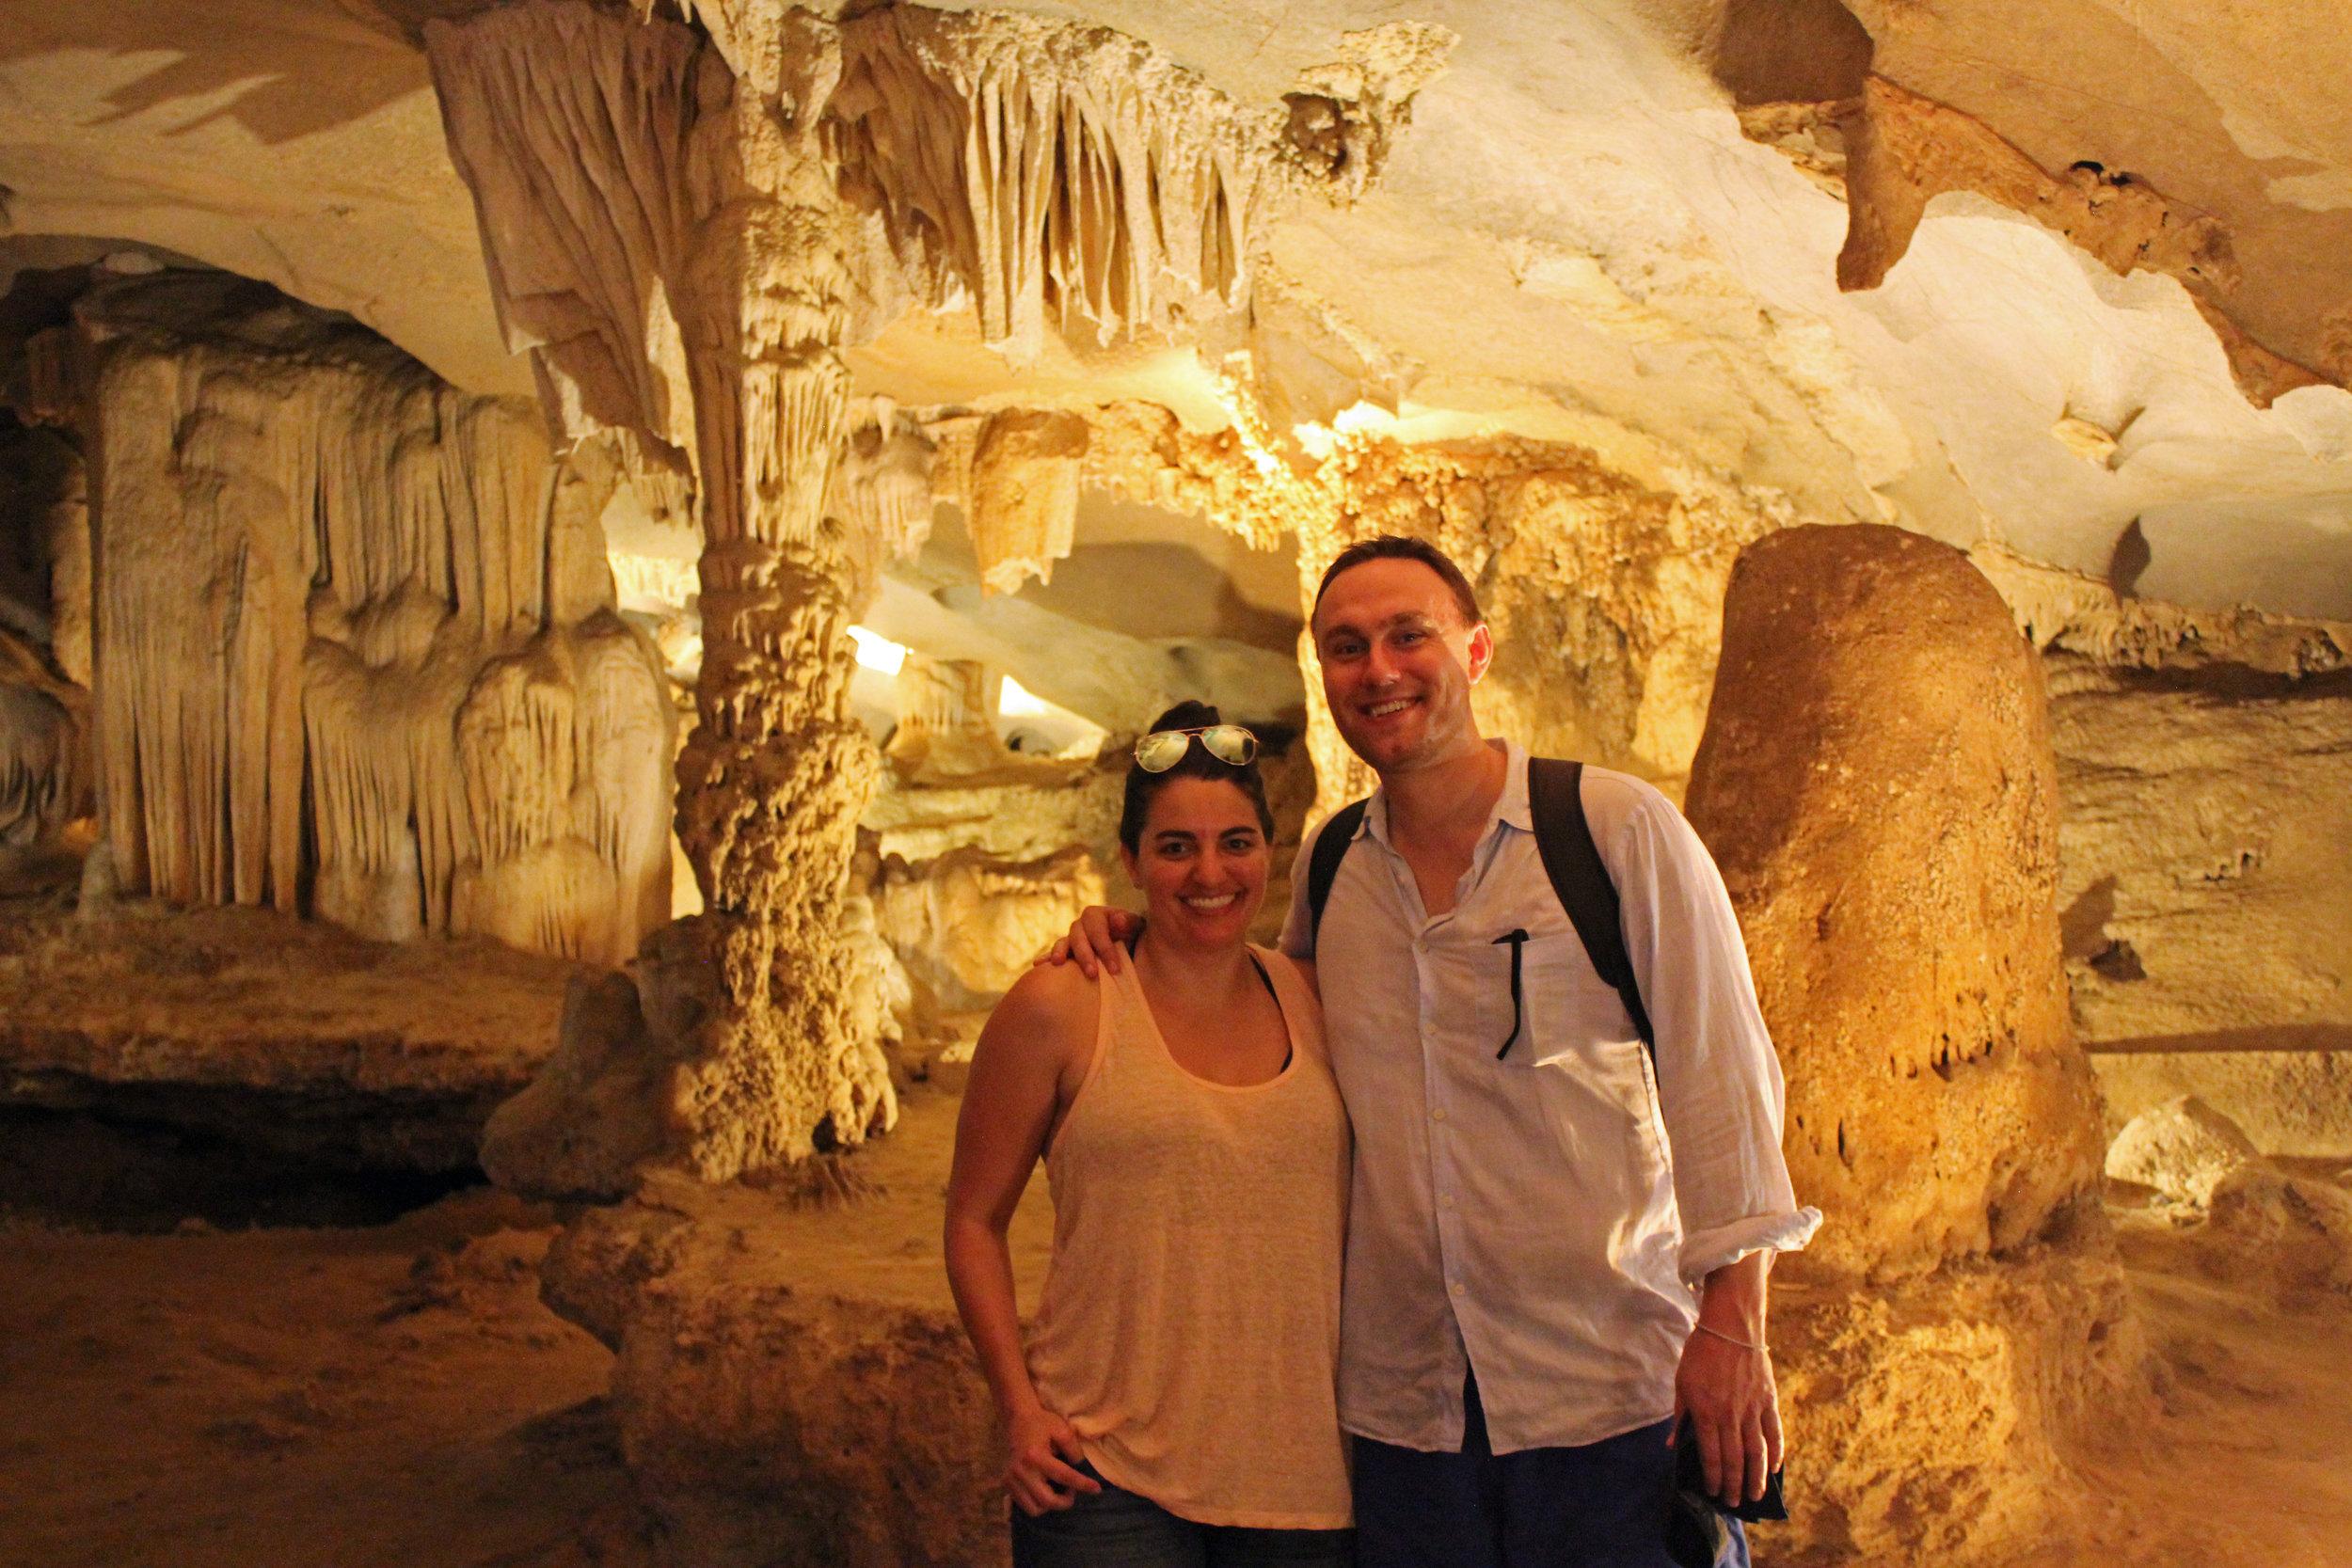 Nicole and I in Paradise Cave in Phong Nha-Ke Bang national park